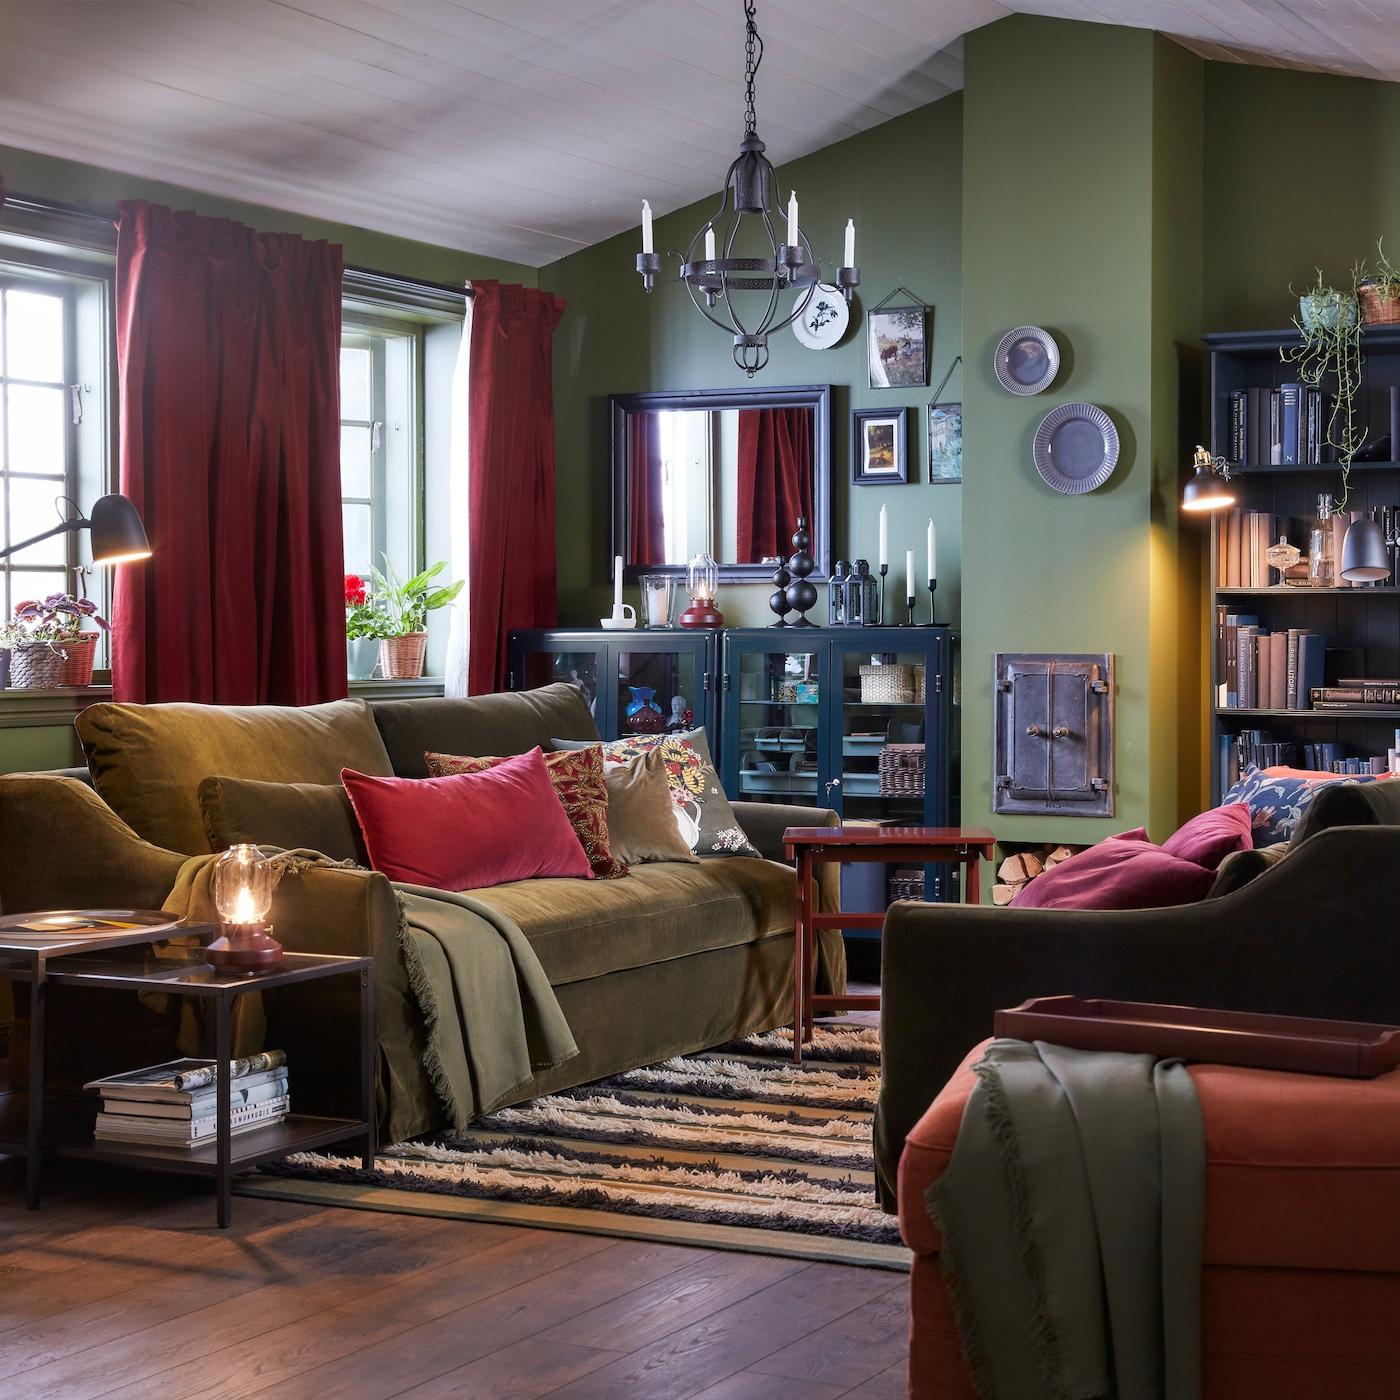 Гостиная с двумя оливковыми диванами, светло-красным табуретом для ног, черным канделябром, красно-коричневыми гардинами и полосатым ковром.